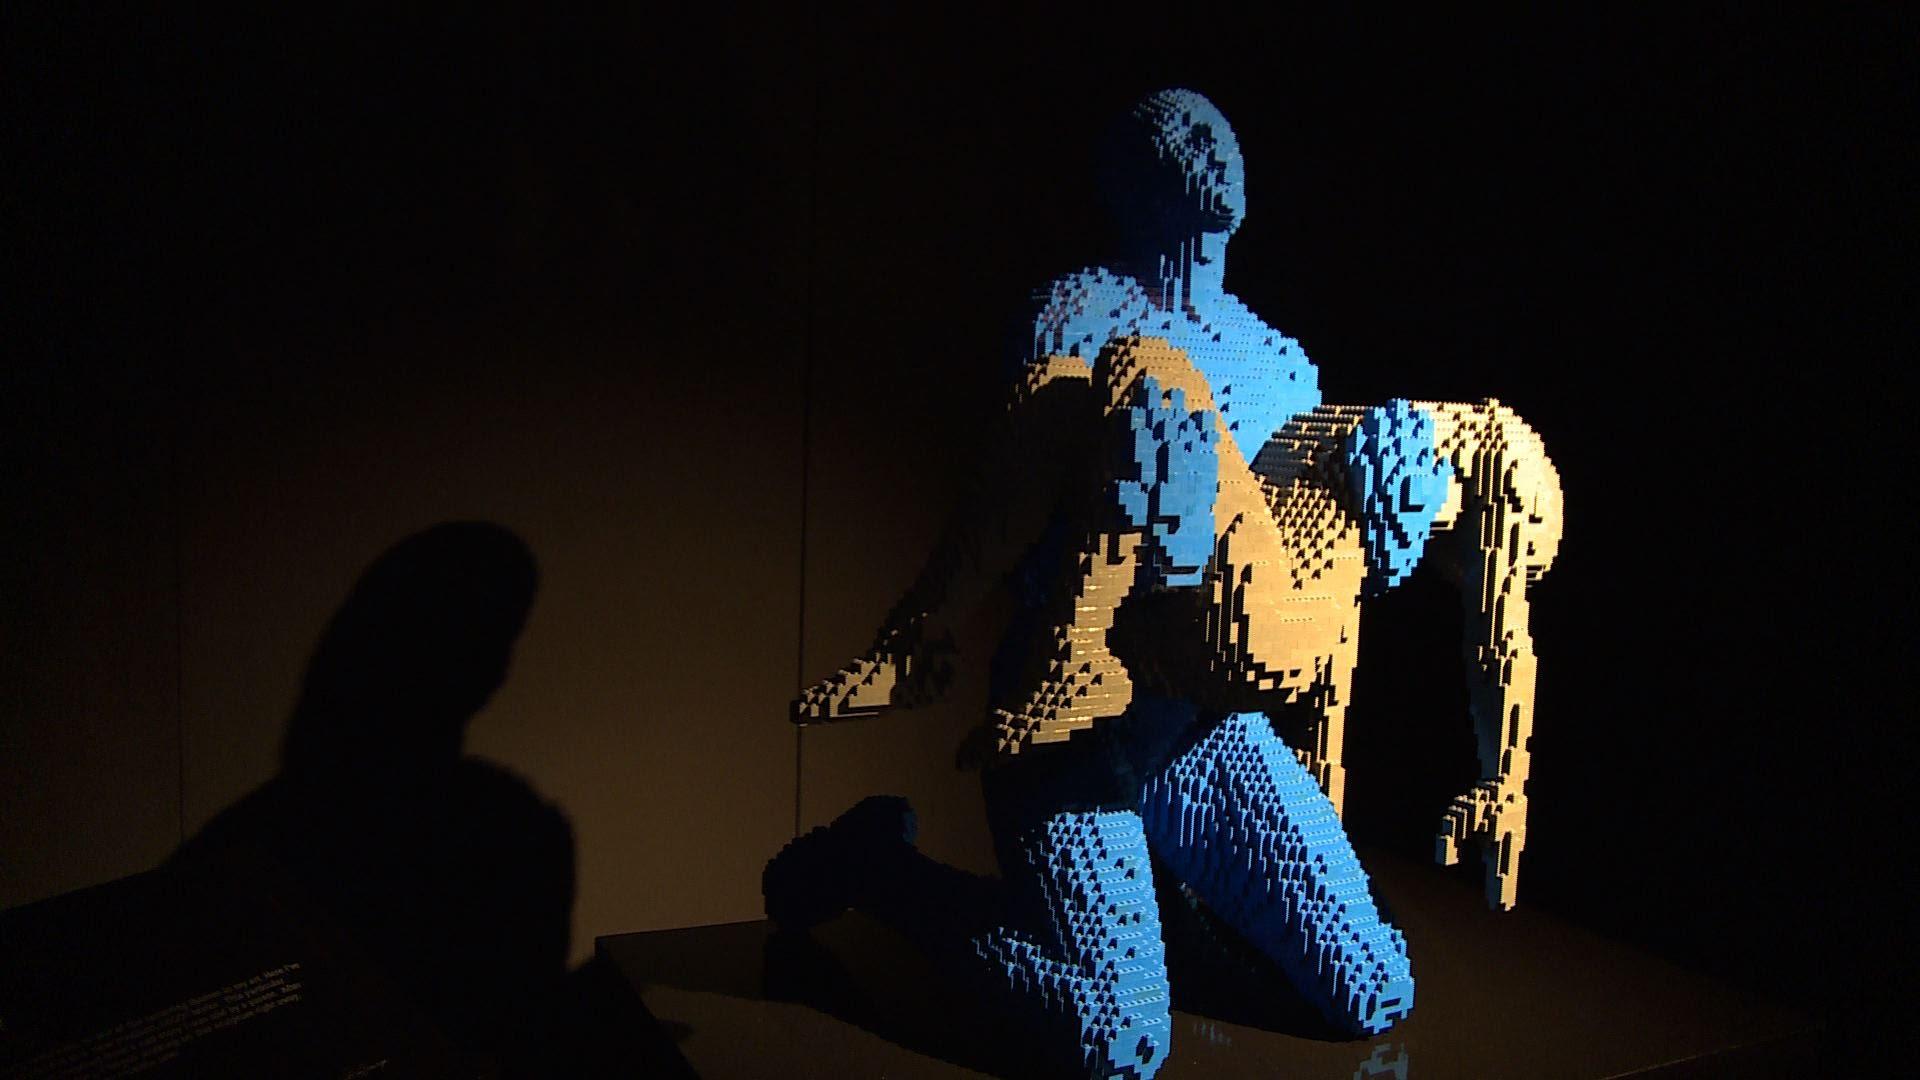 もはやアートの領域、レゴブロックの芸術展